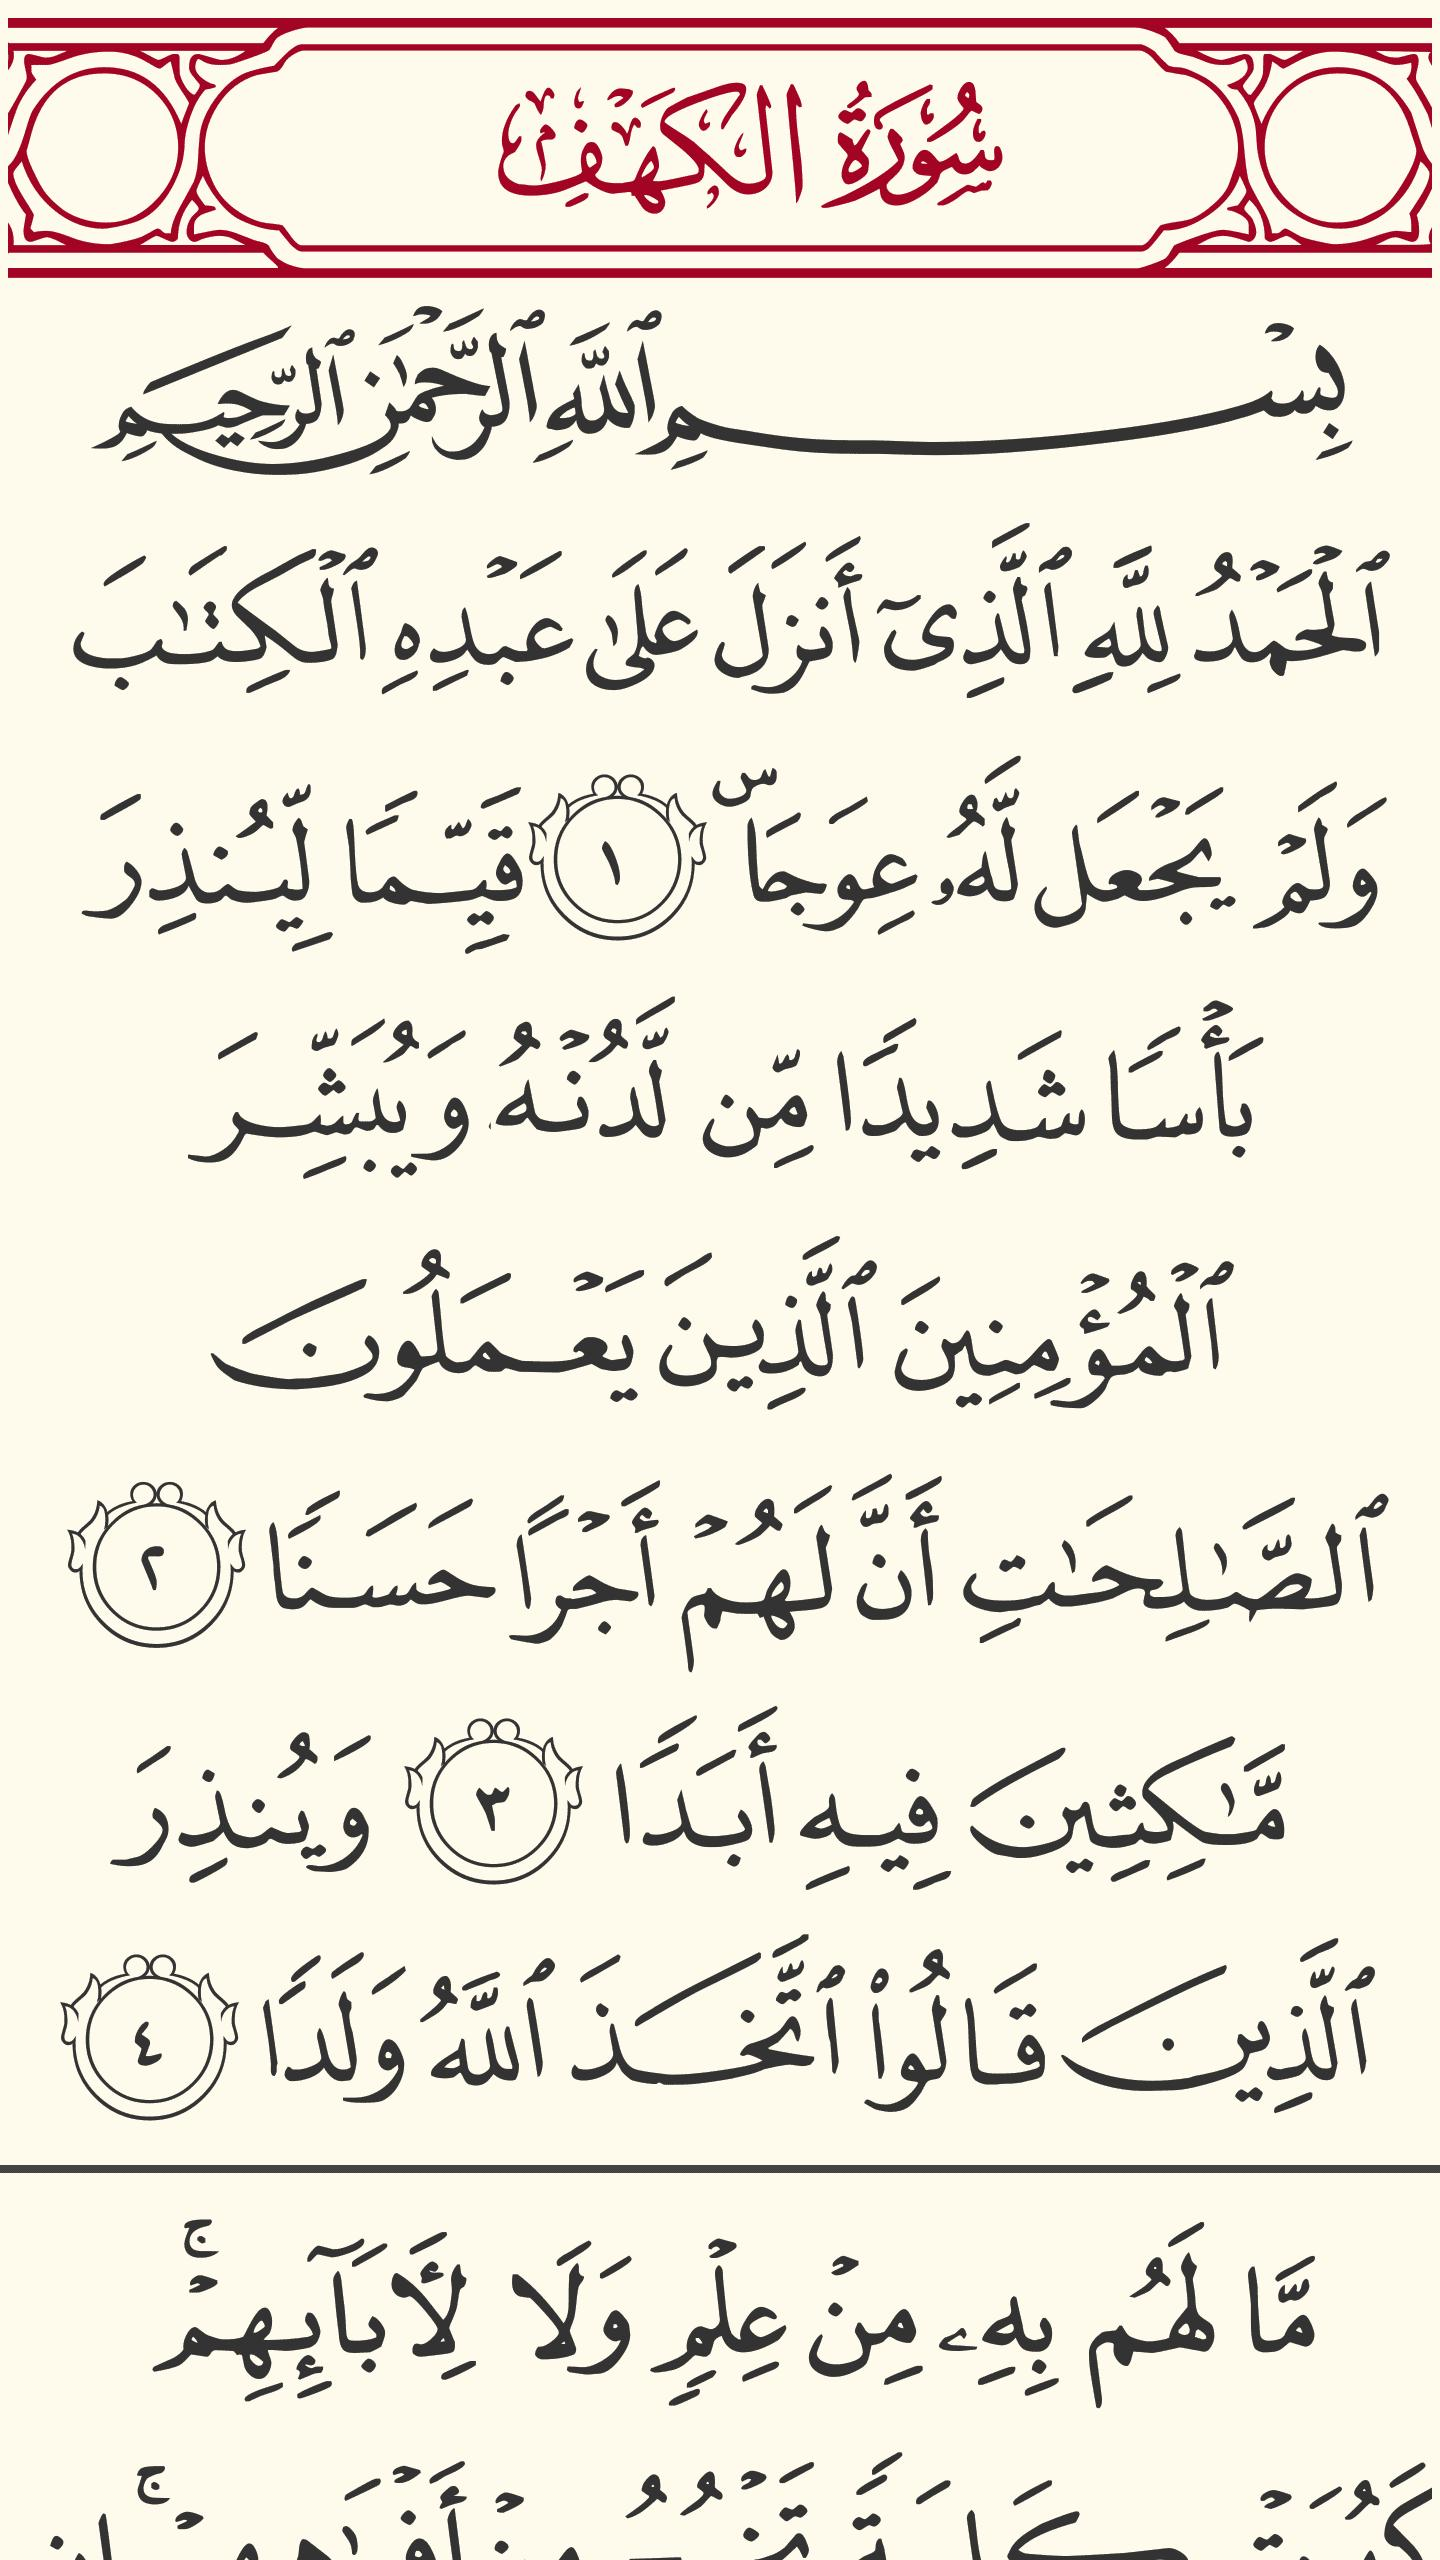 القرآن بخط كبير دون انترنت For Android Apk Download